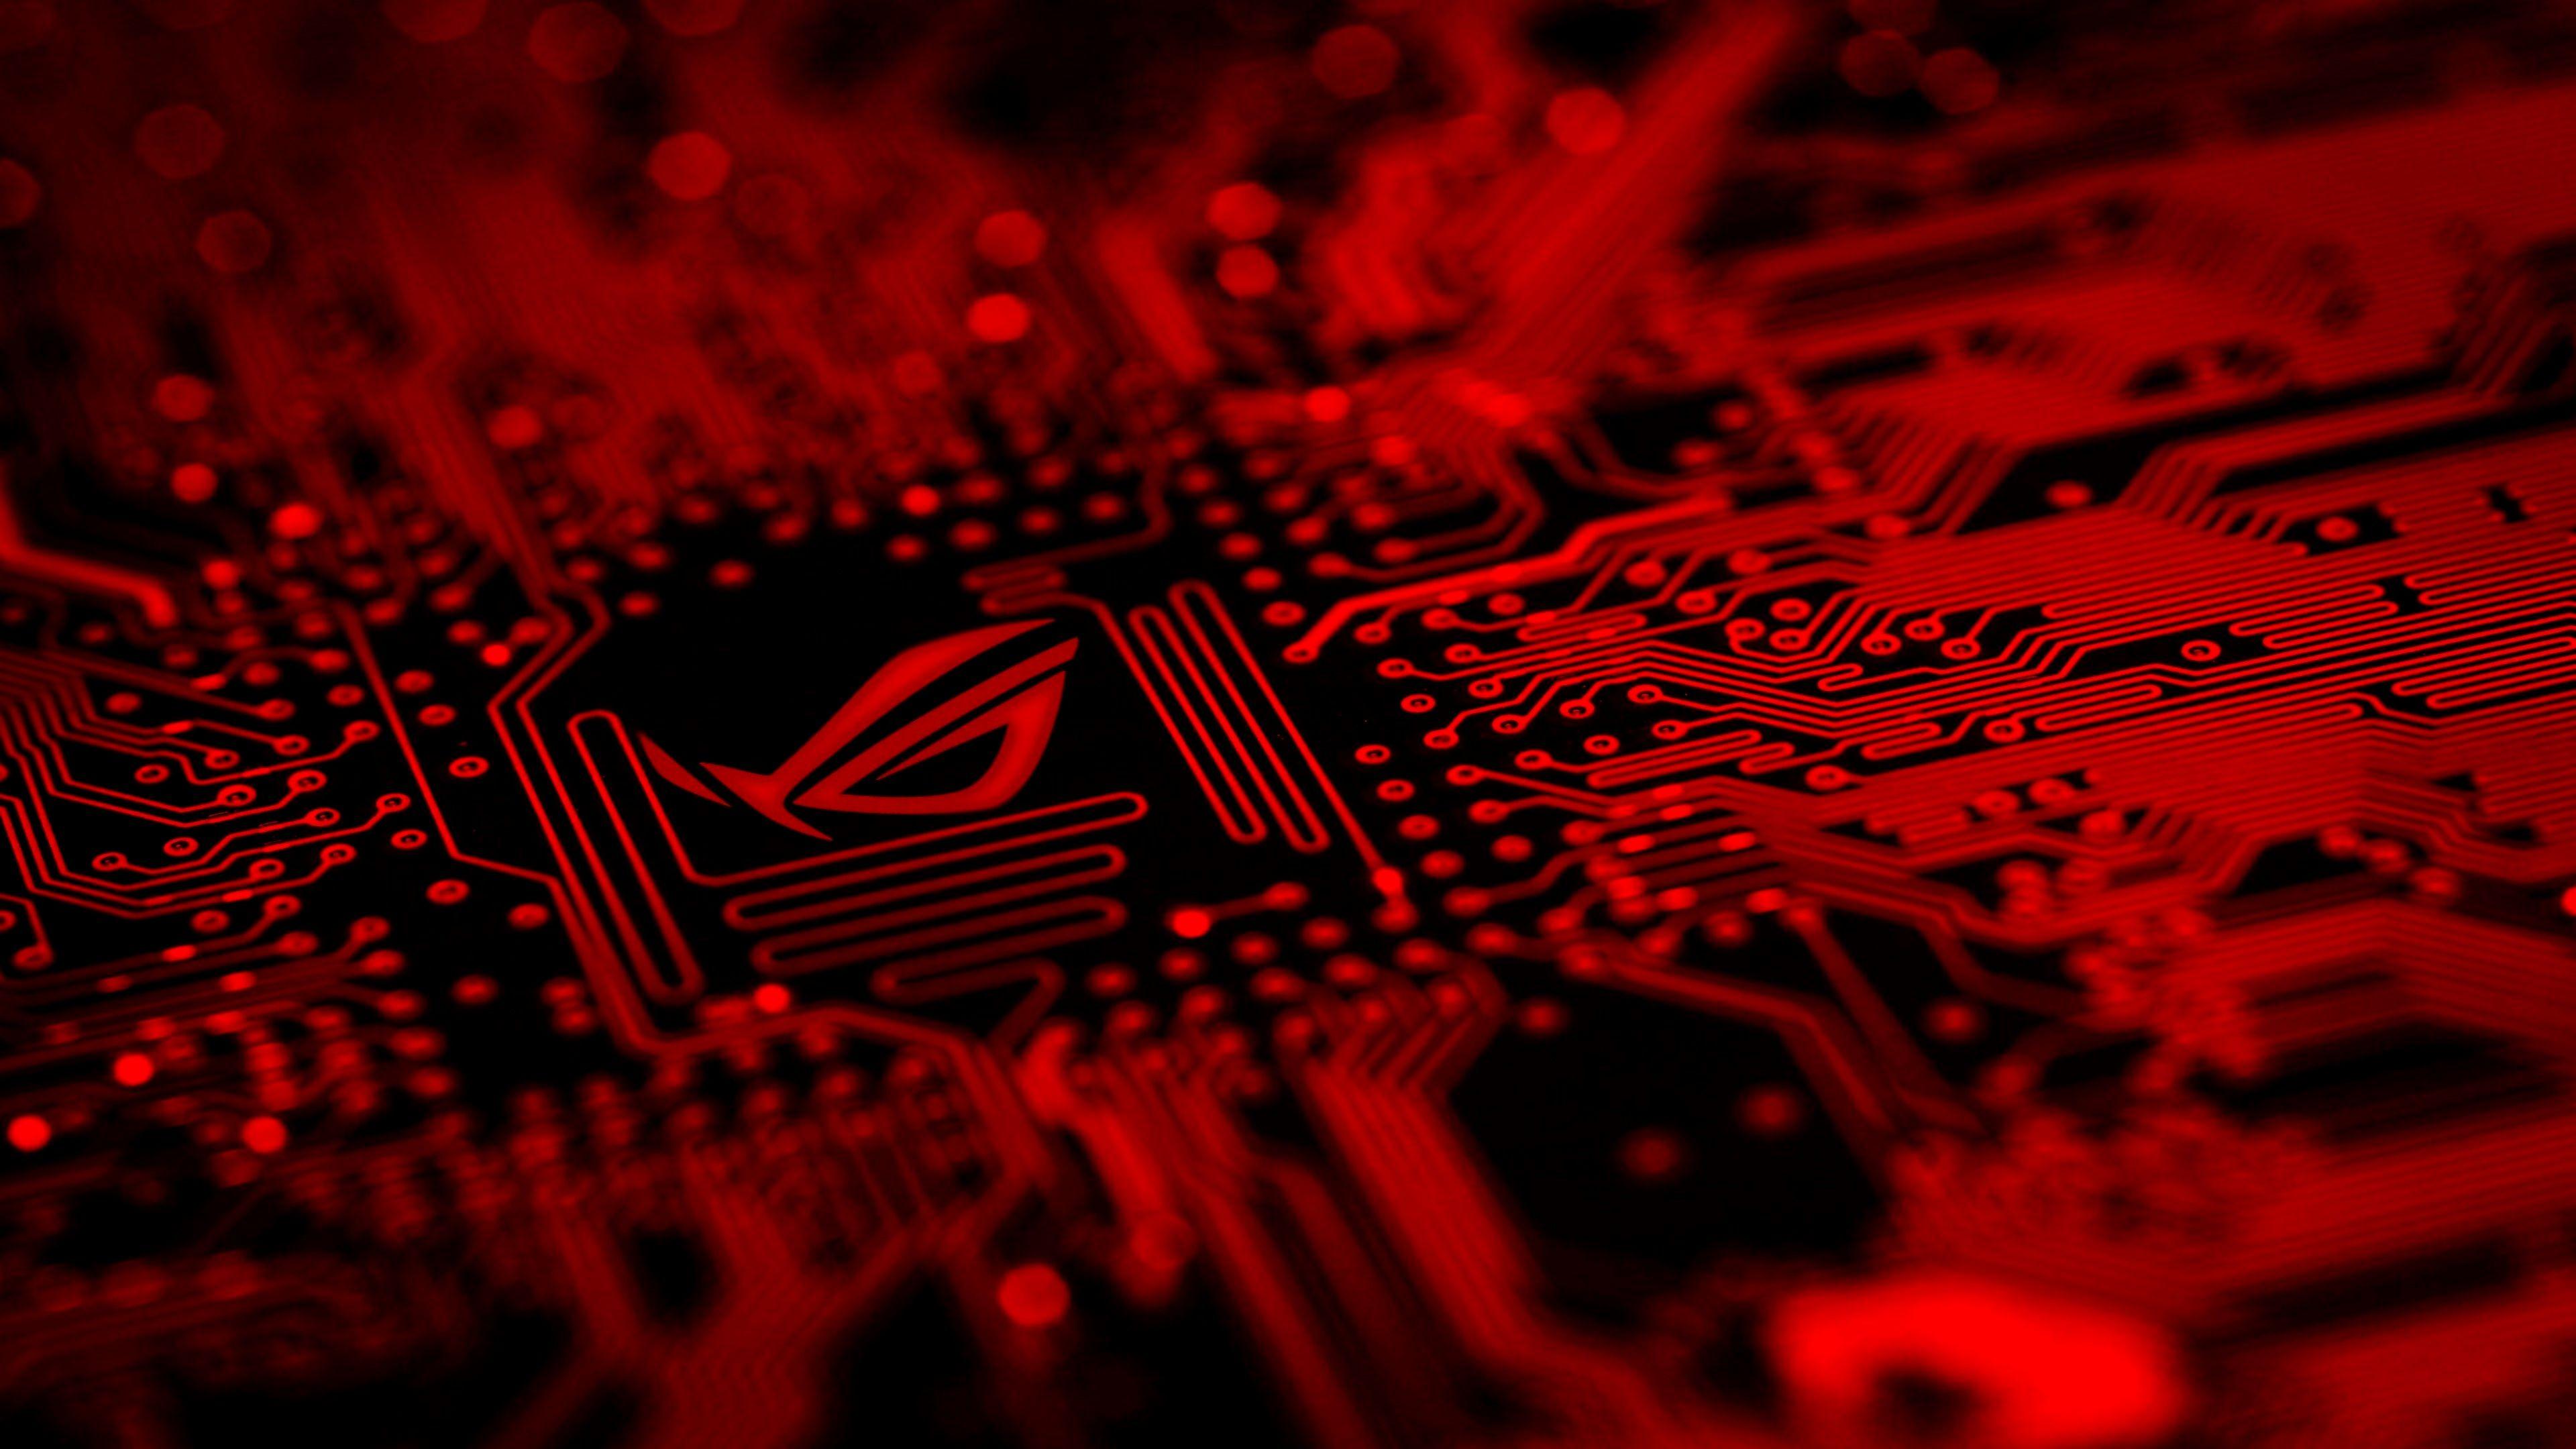 Asus Rog Wallpaper 4k Mobile Ideas Wallpaper Merah Wallpaper Android Wallpaper Pc